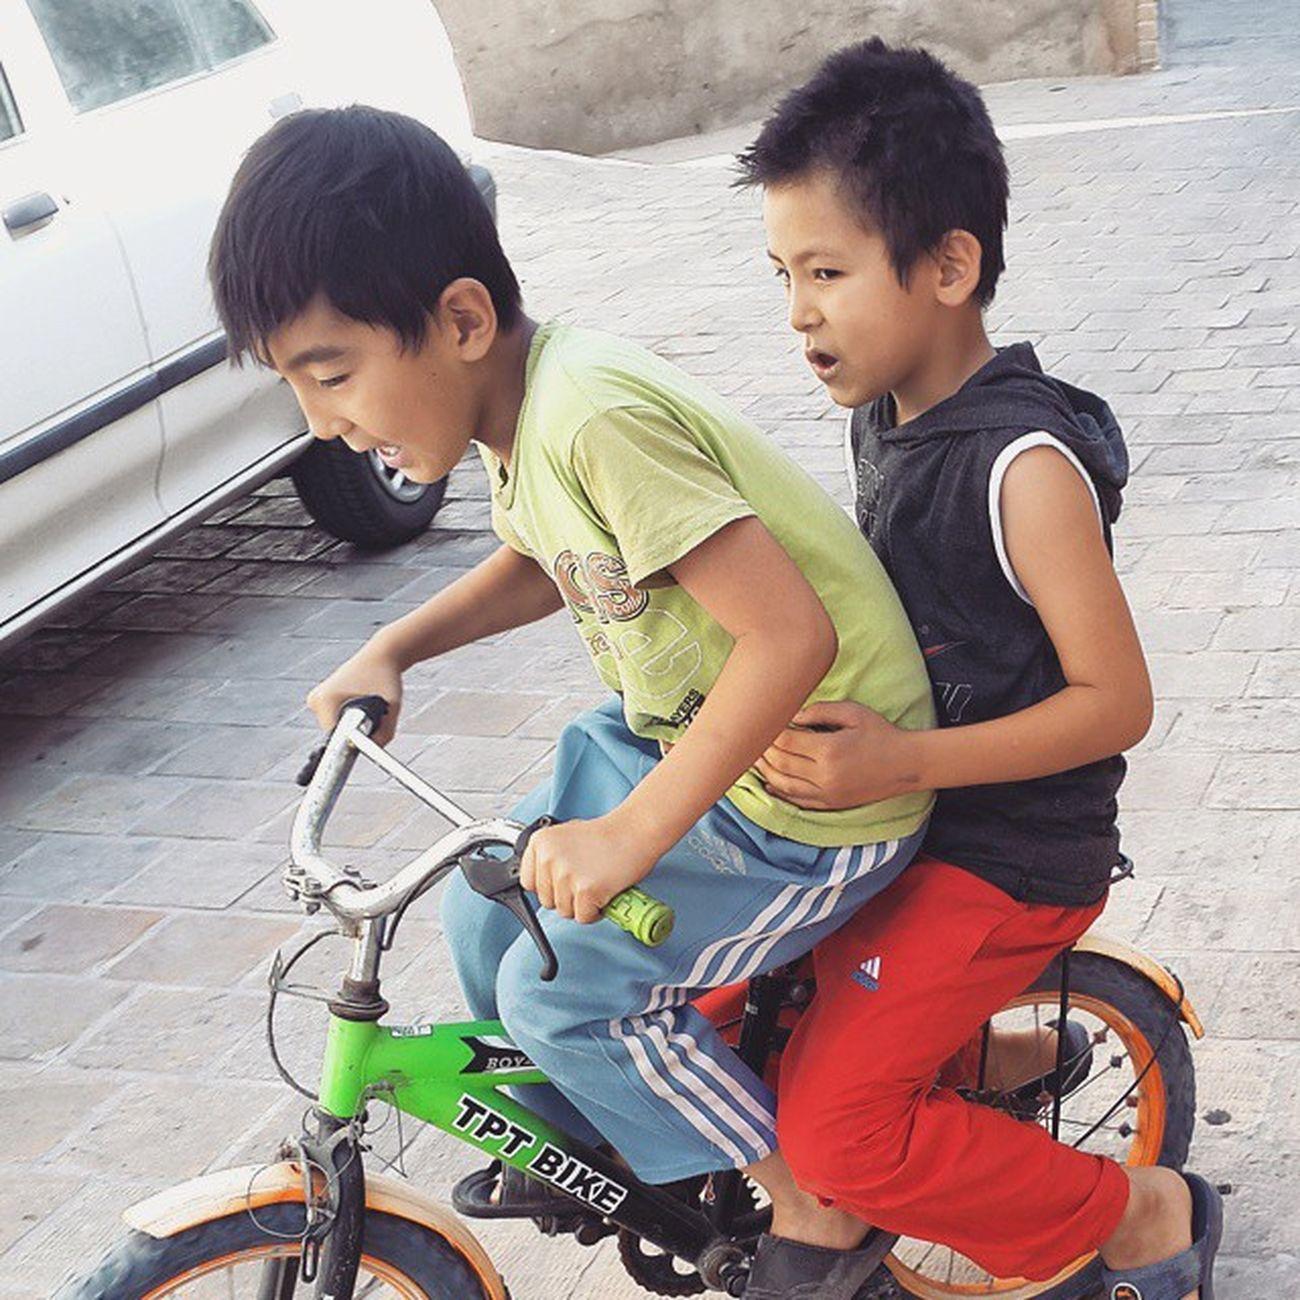 . همیشه نشستن رو ترک دوچرخه درد آور ولی نمیدونم چرا انقدر باحاله شما در کنار درد خستگی کند رفتن از بین رفتن کنترل کافی رو فرمون خیلی ببخشید، خیلی ببخشید، درد باسن باز هم حال میکنید دیگه اگه بخورید زمین که نور_علی_نور میشه . Afghan Boy Ride Bicycle Qom Iran Everydayiran Everydaymiddleeast Everydayasia Everydayeverywhere Reportagespotlight Reportage Streetphotography Dailylife Photooftheday Documentary